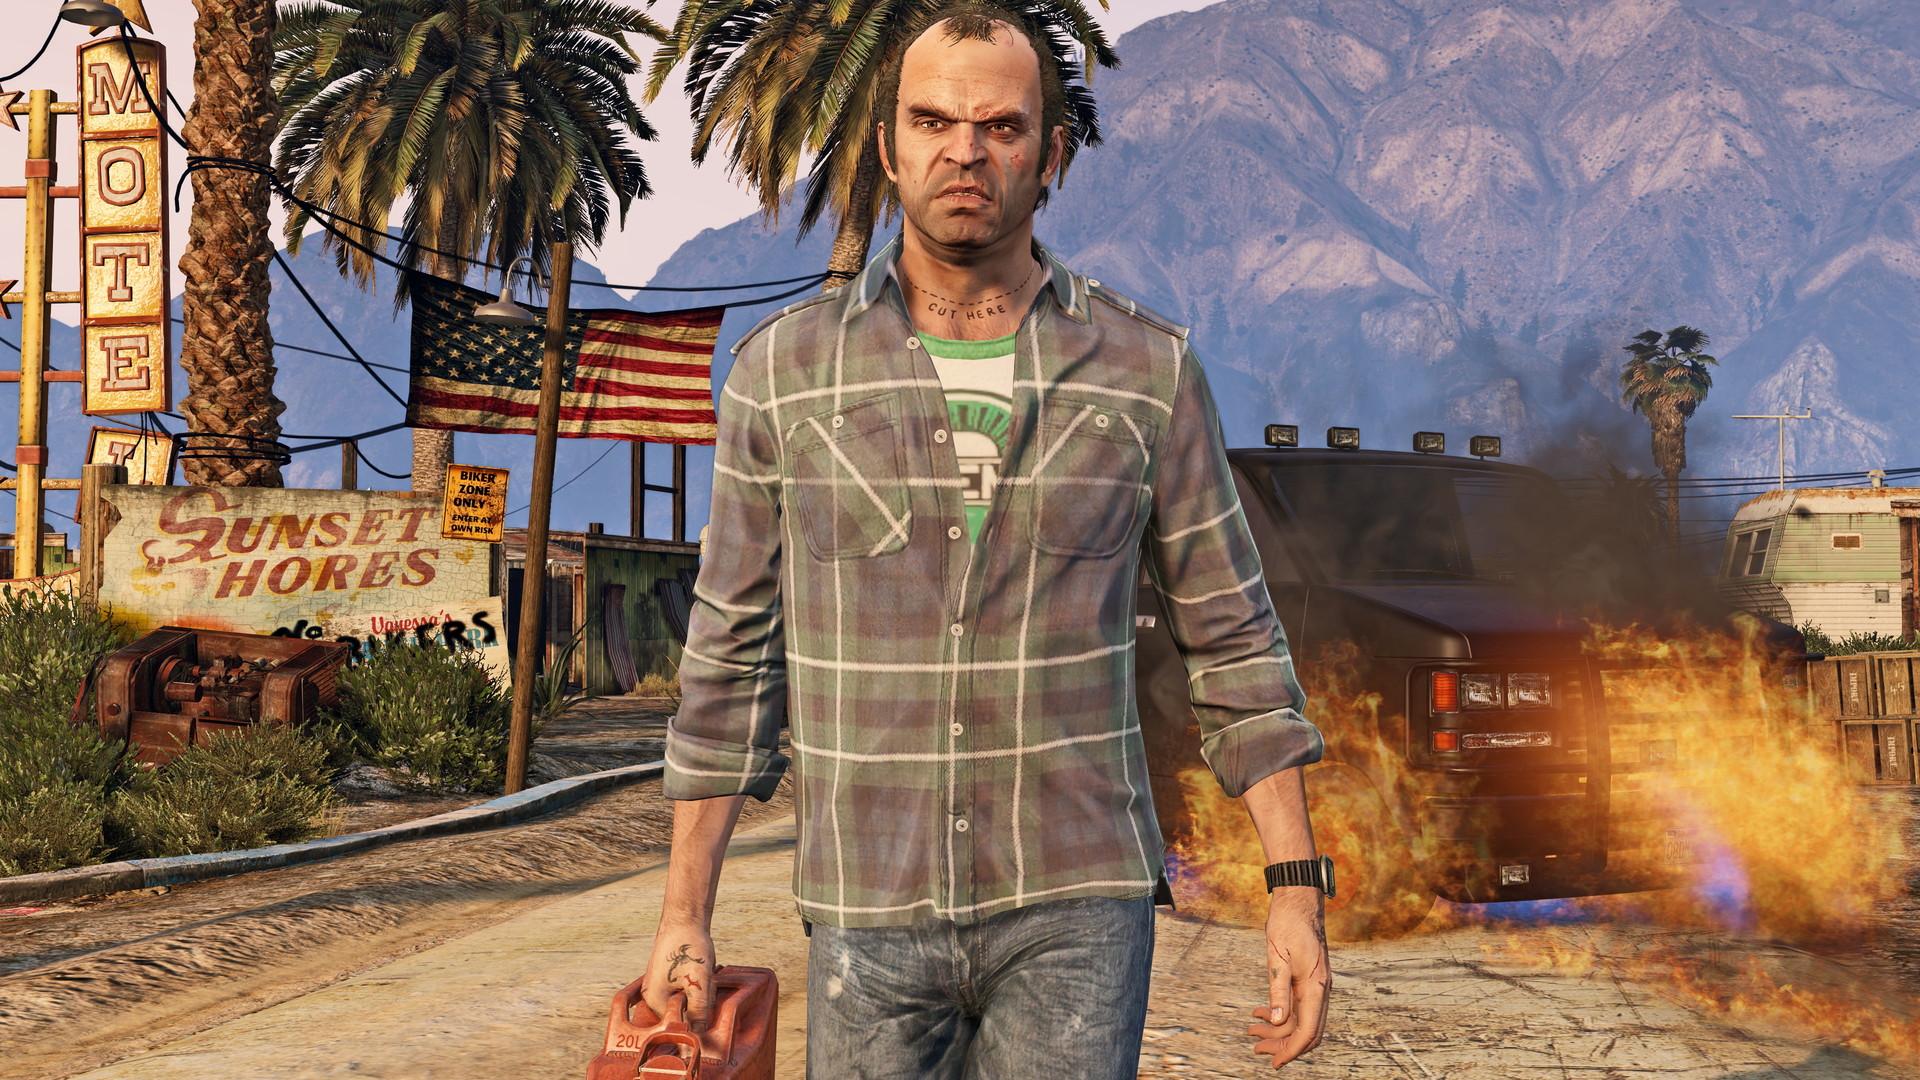 Link Tải Game Grand Theft Auto 5 Việt Hóa Miễn Phí Thành Công